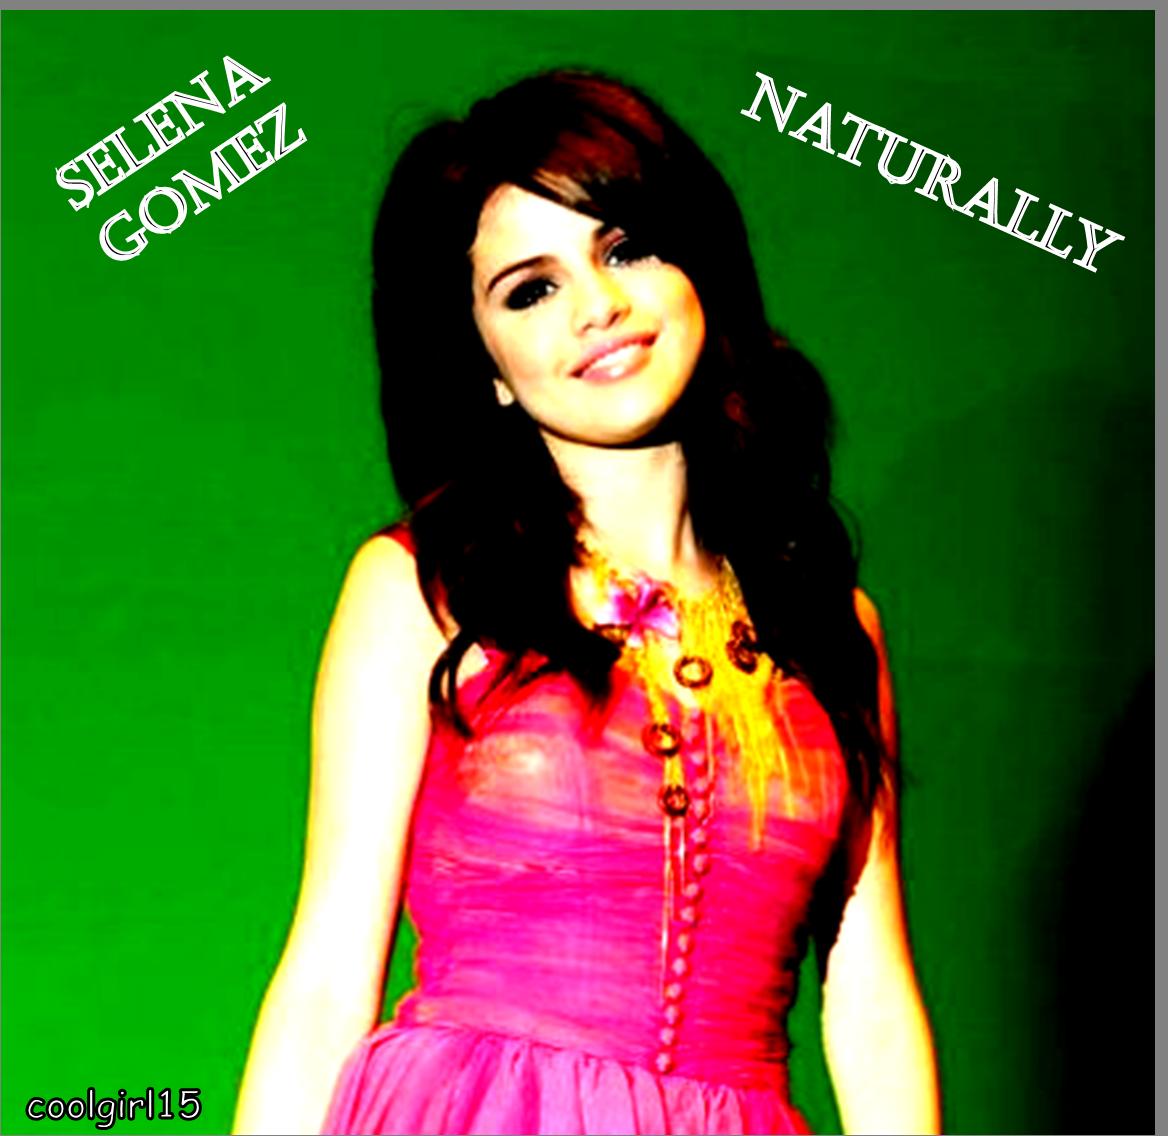 Selena gomez naturally selena gomez fan art 33861574 fanpop - Selena gomez naturel ...